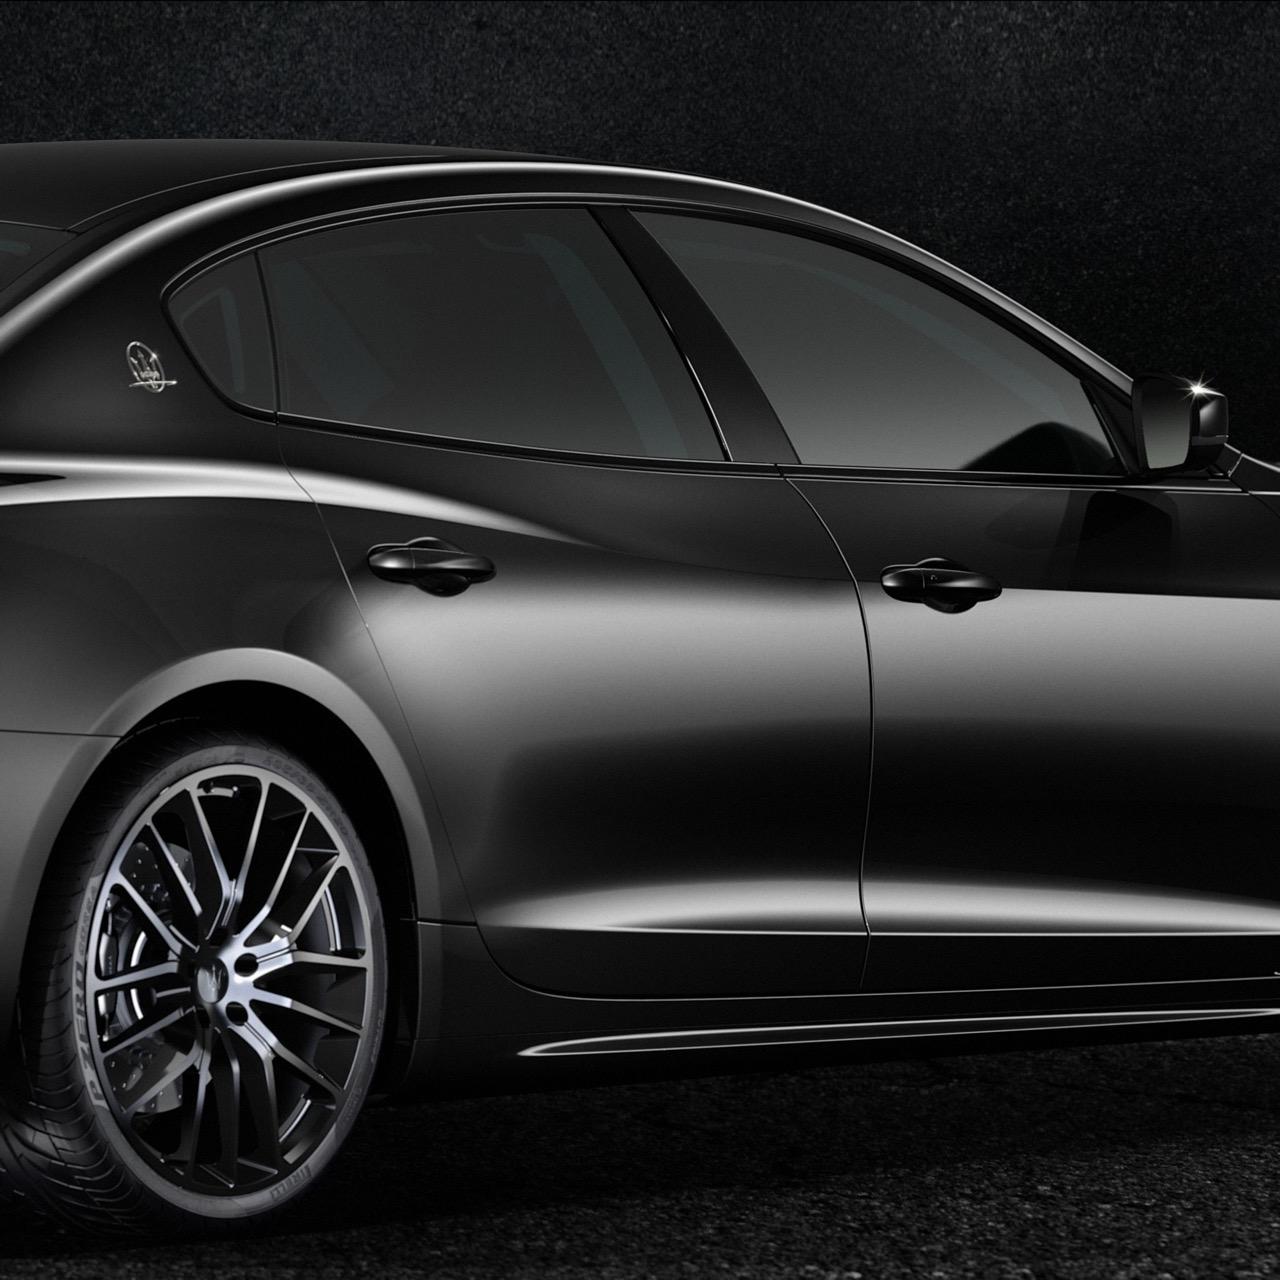 Maserati-Geneve-Nerissimo-02